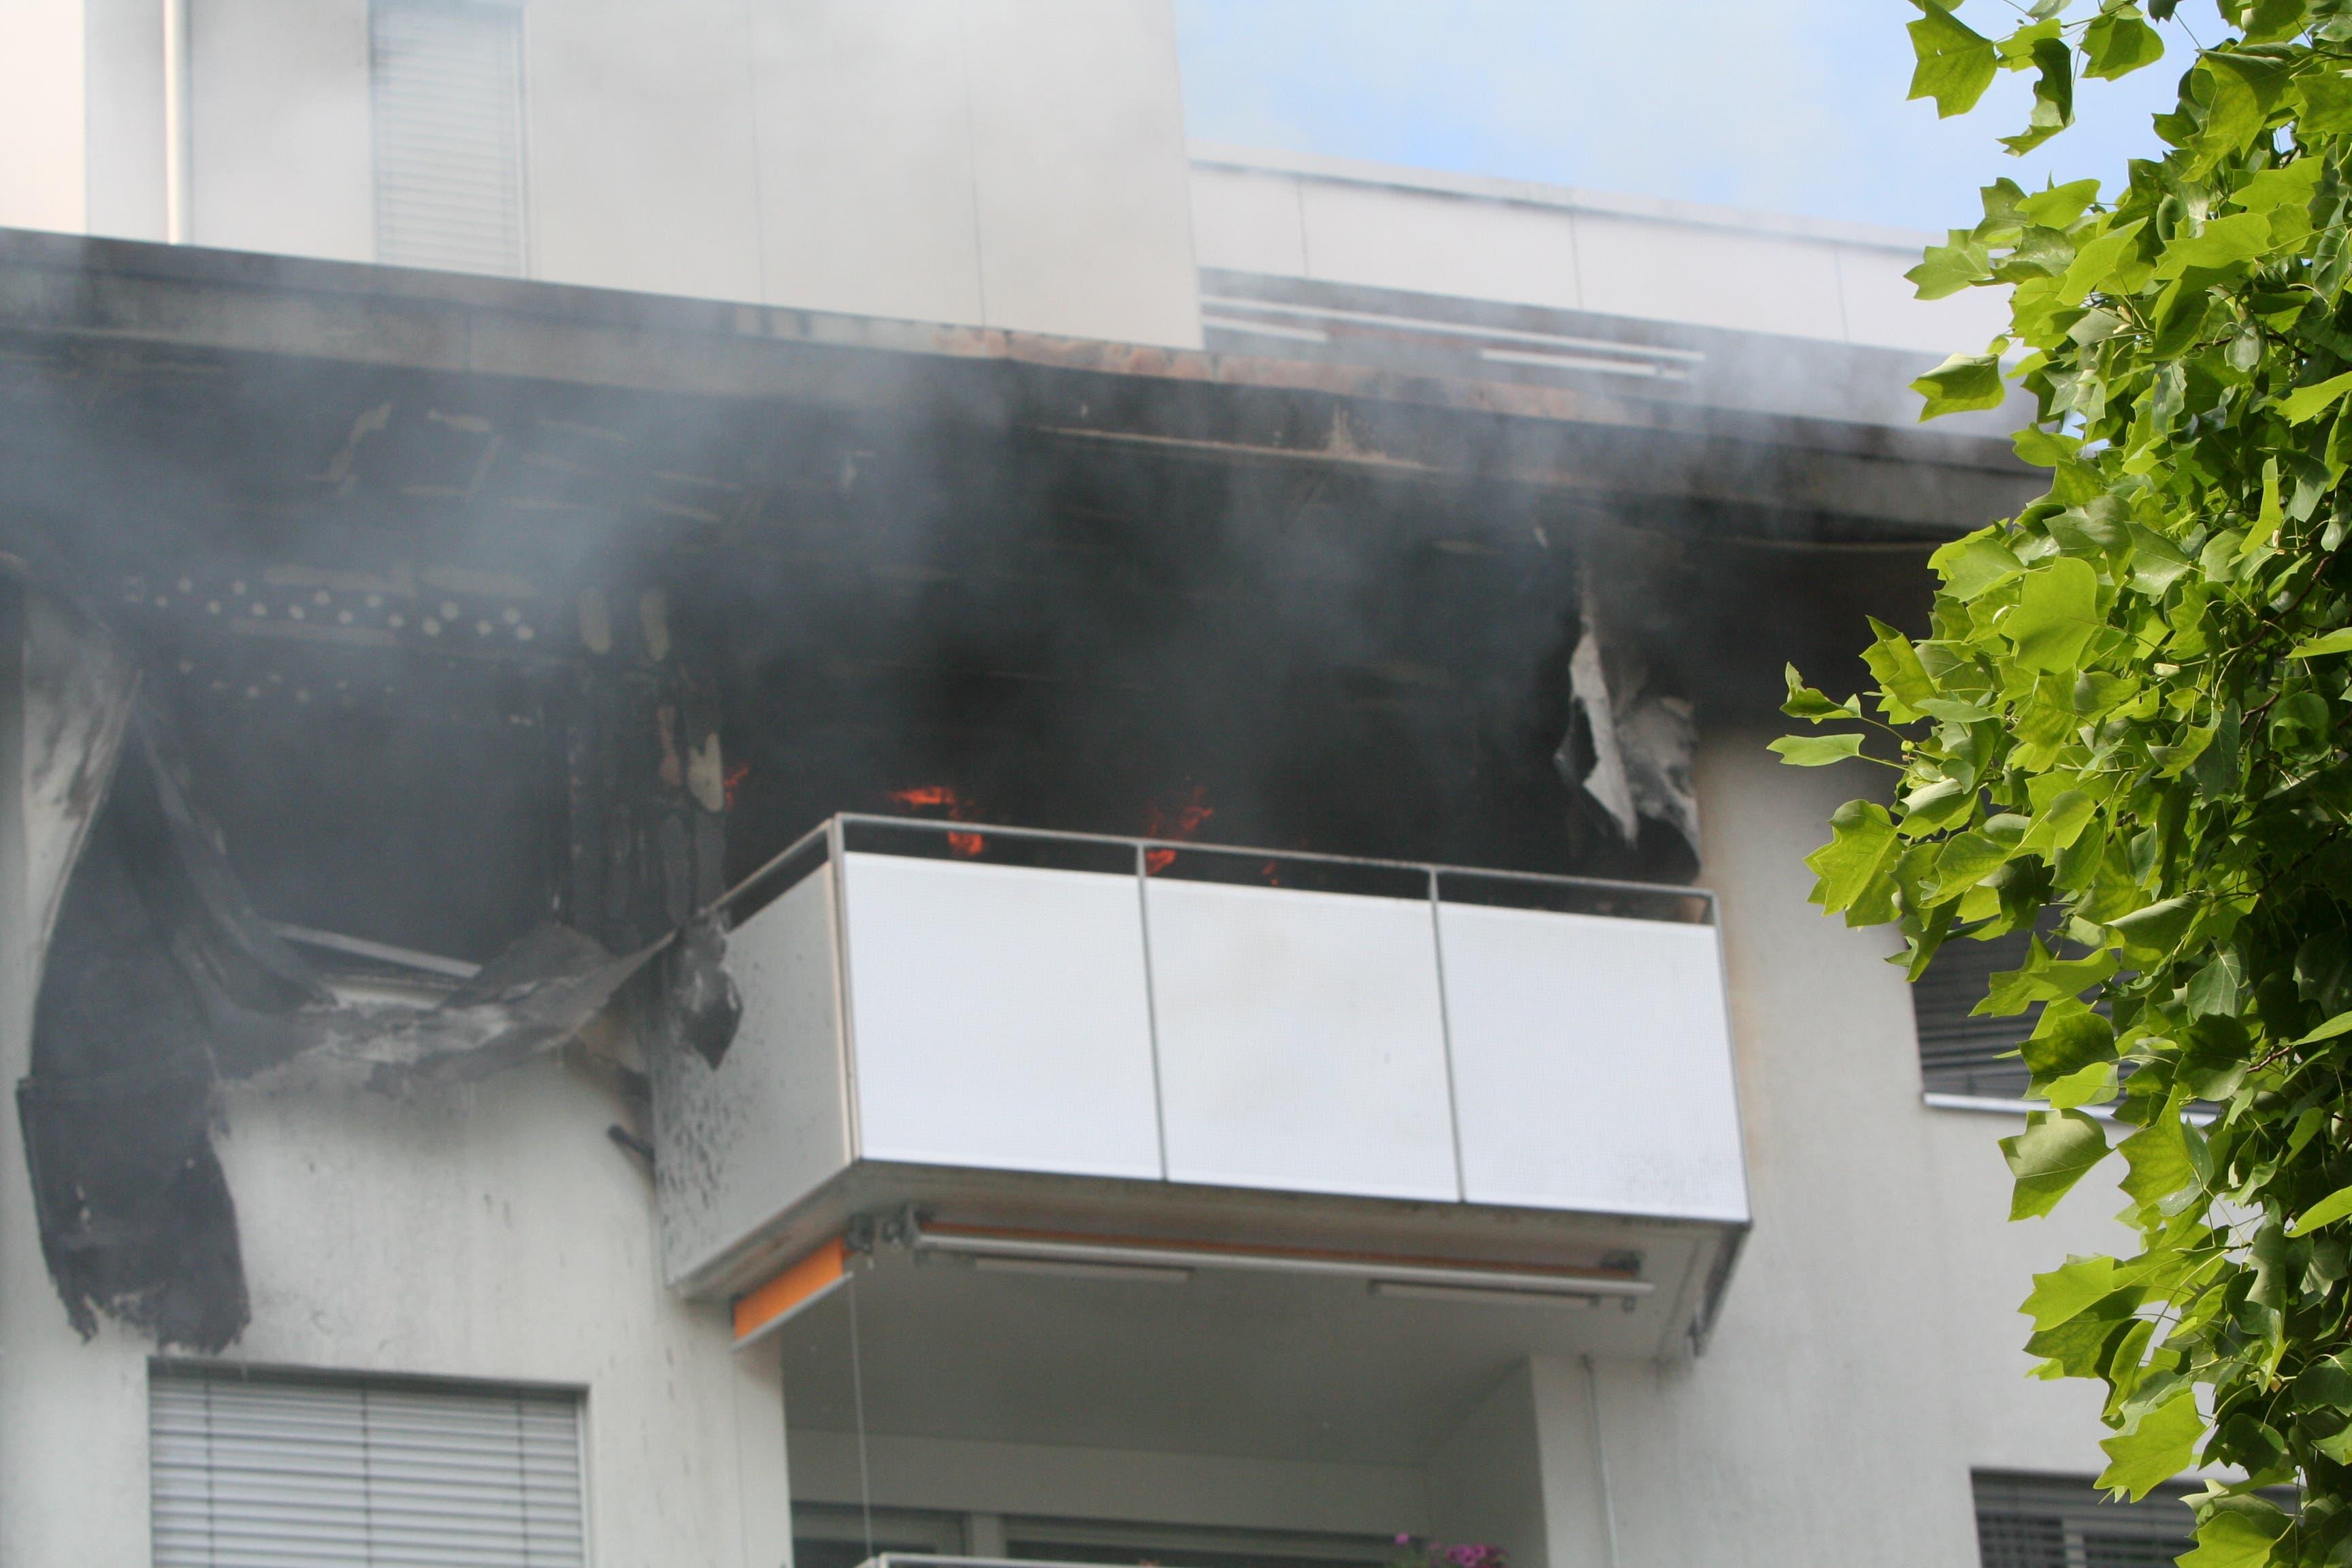 Die Fassade der betroffenen Wohnung in Kriens ist schwarz verfärbt. (Bild: Leserbild Walter Näf)